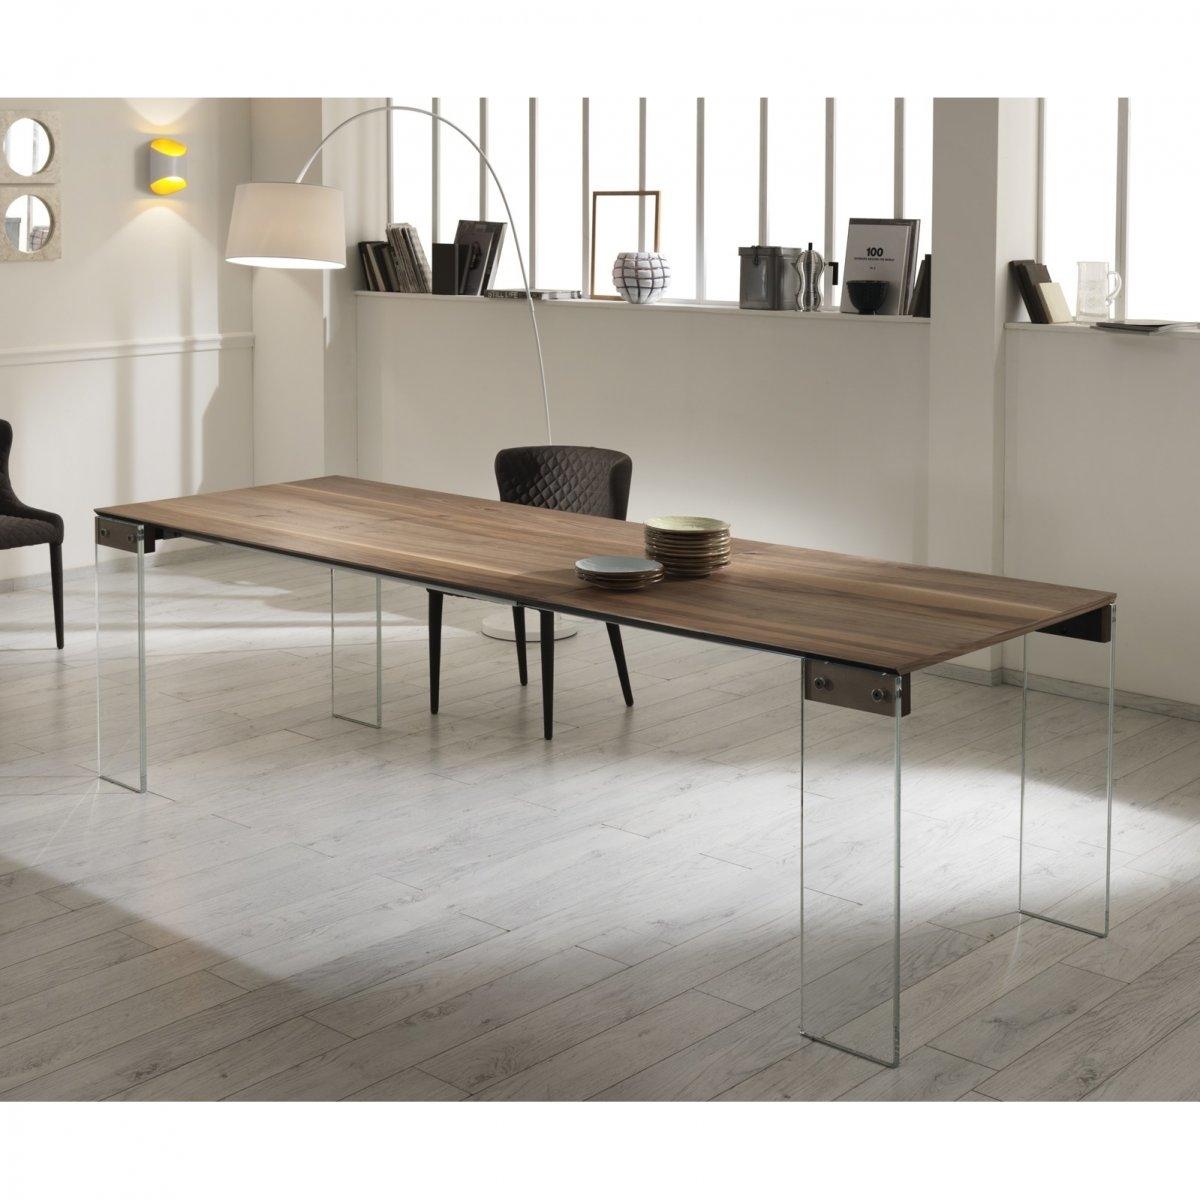 Stones tavolo cloud rettangolare allungabile legno for Tavolo rettangolare allungabile